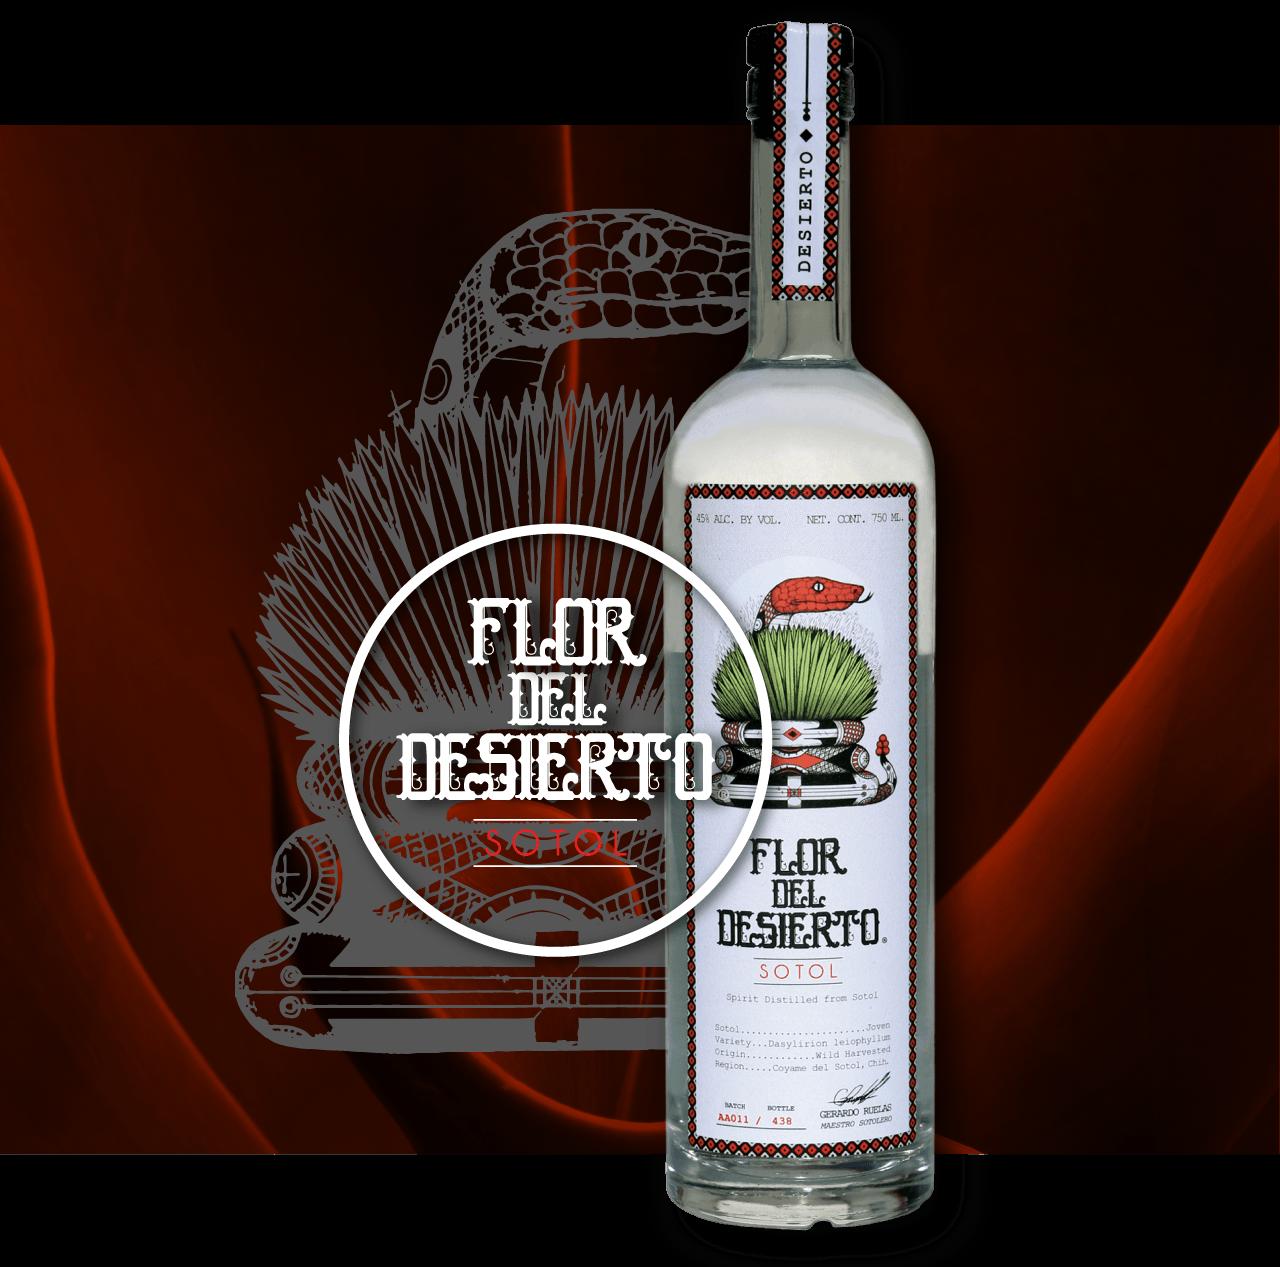 fdd-desierto-bottle.png